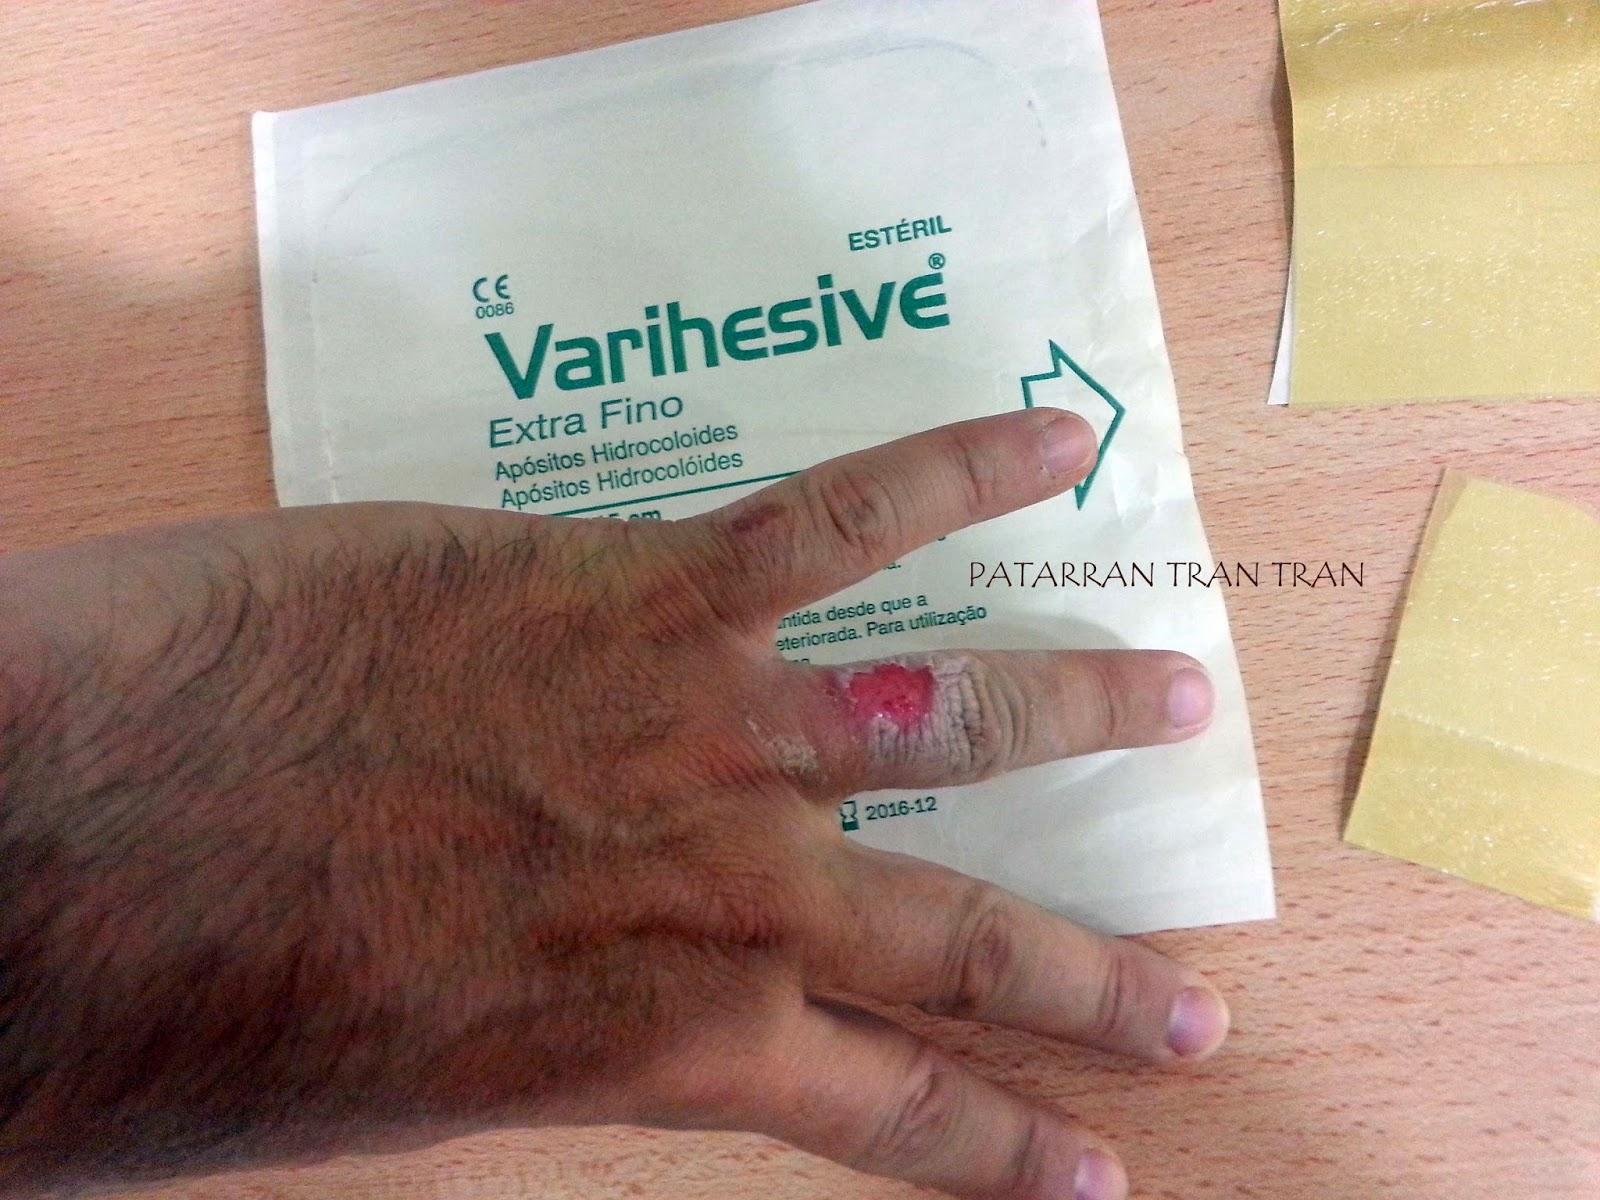 Los apositos hidrocolides. Varihesive.